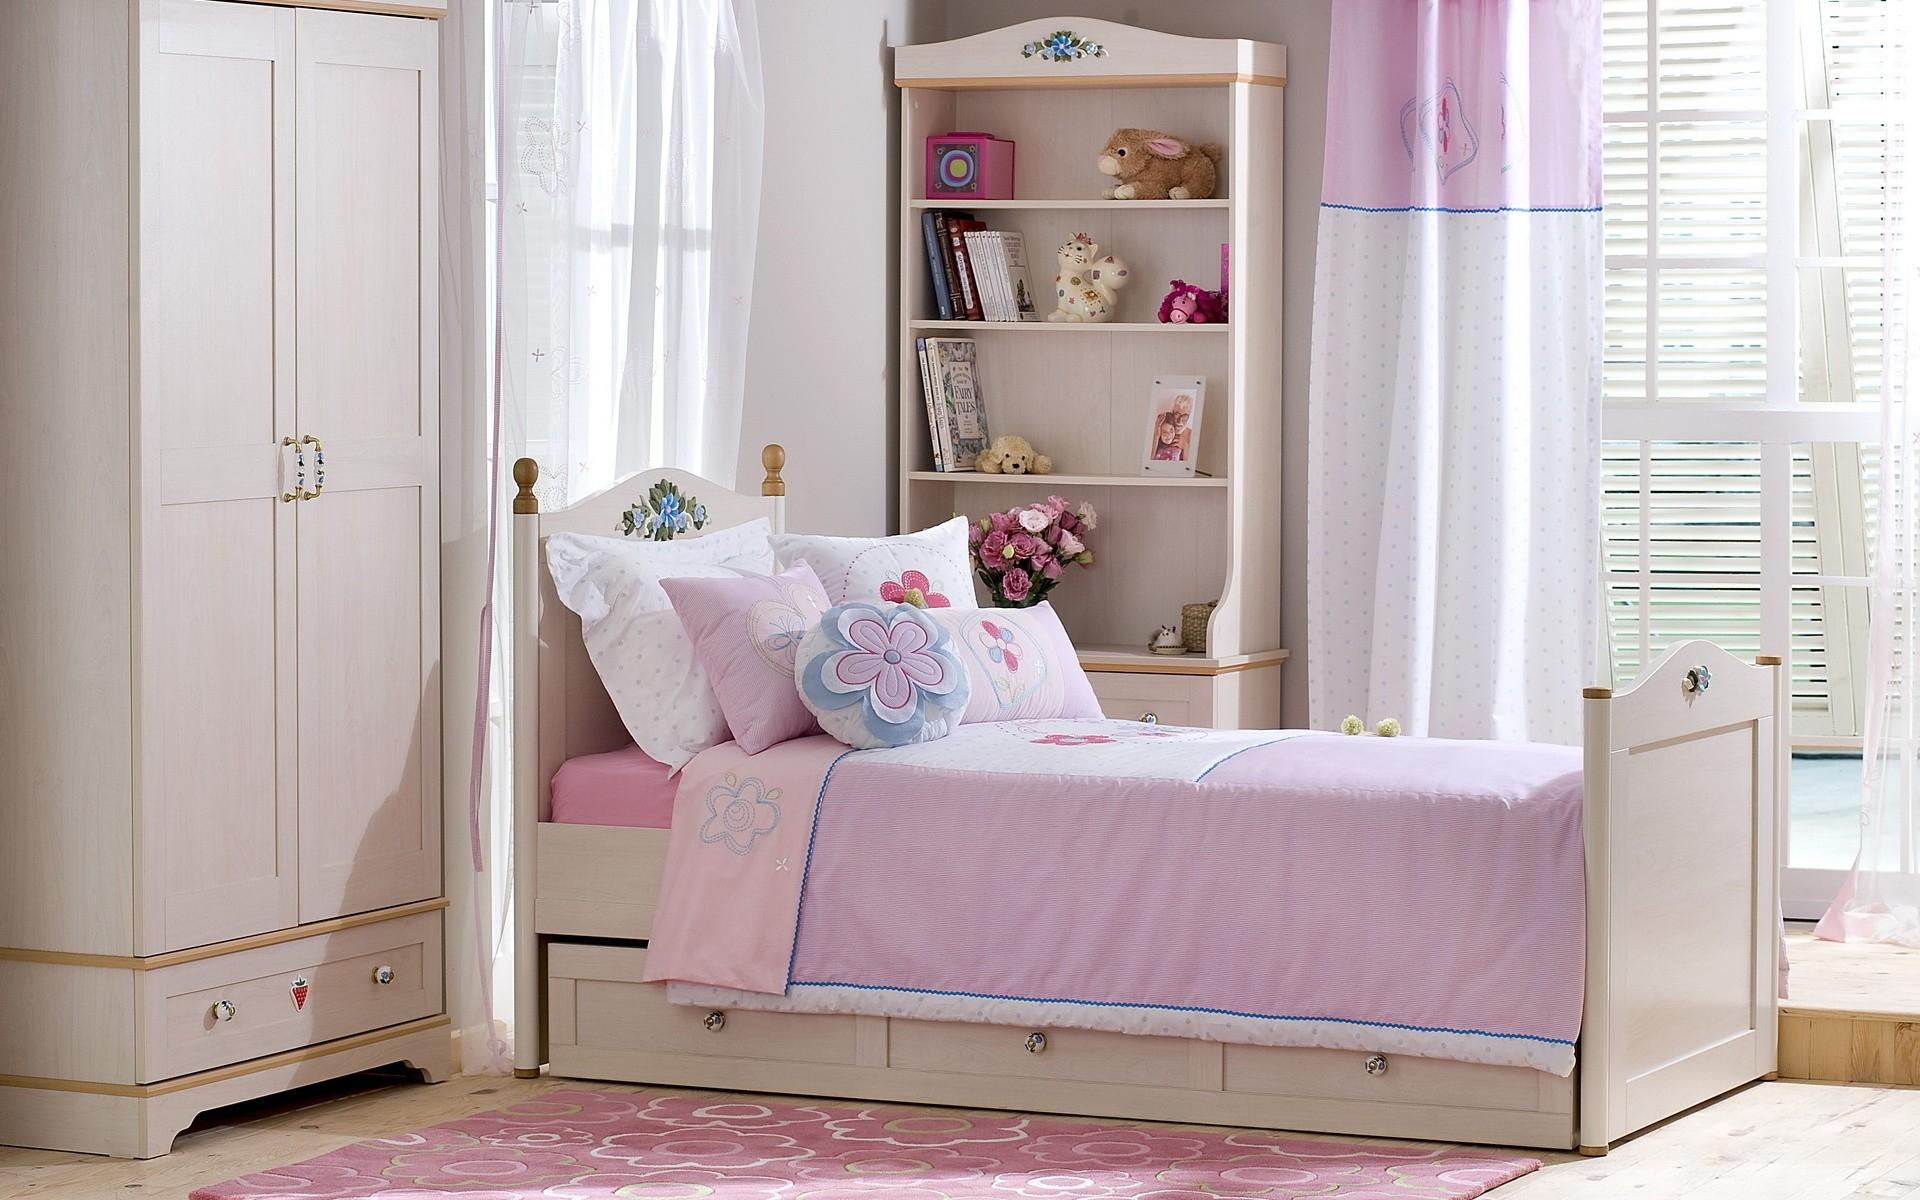 Hintergrundbilder : Zimmer, Innere, Bett, Rosa, Schlafzimmer ...